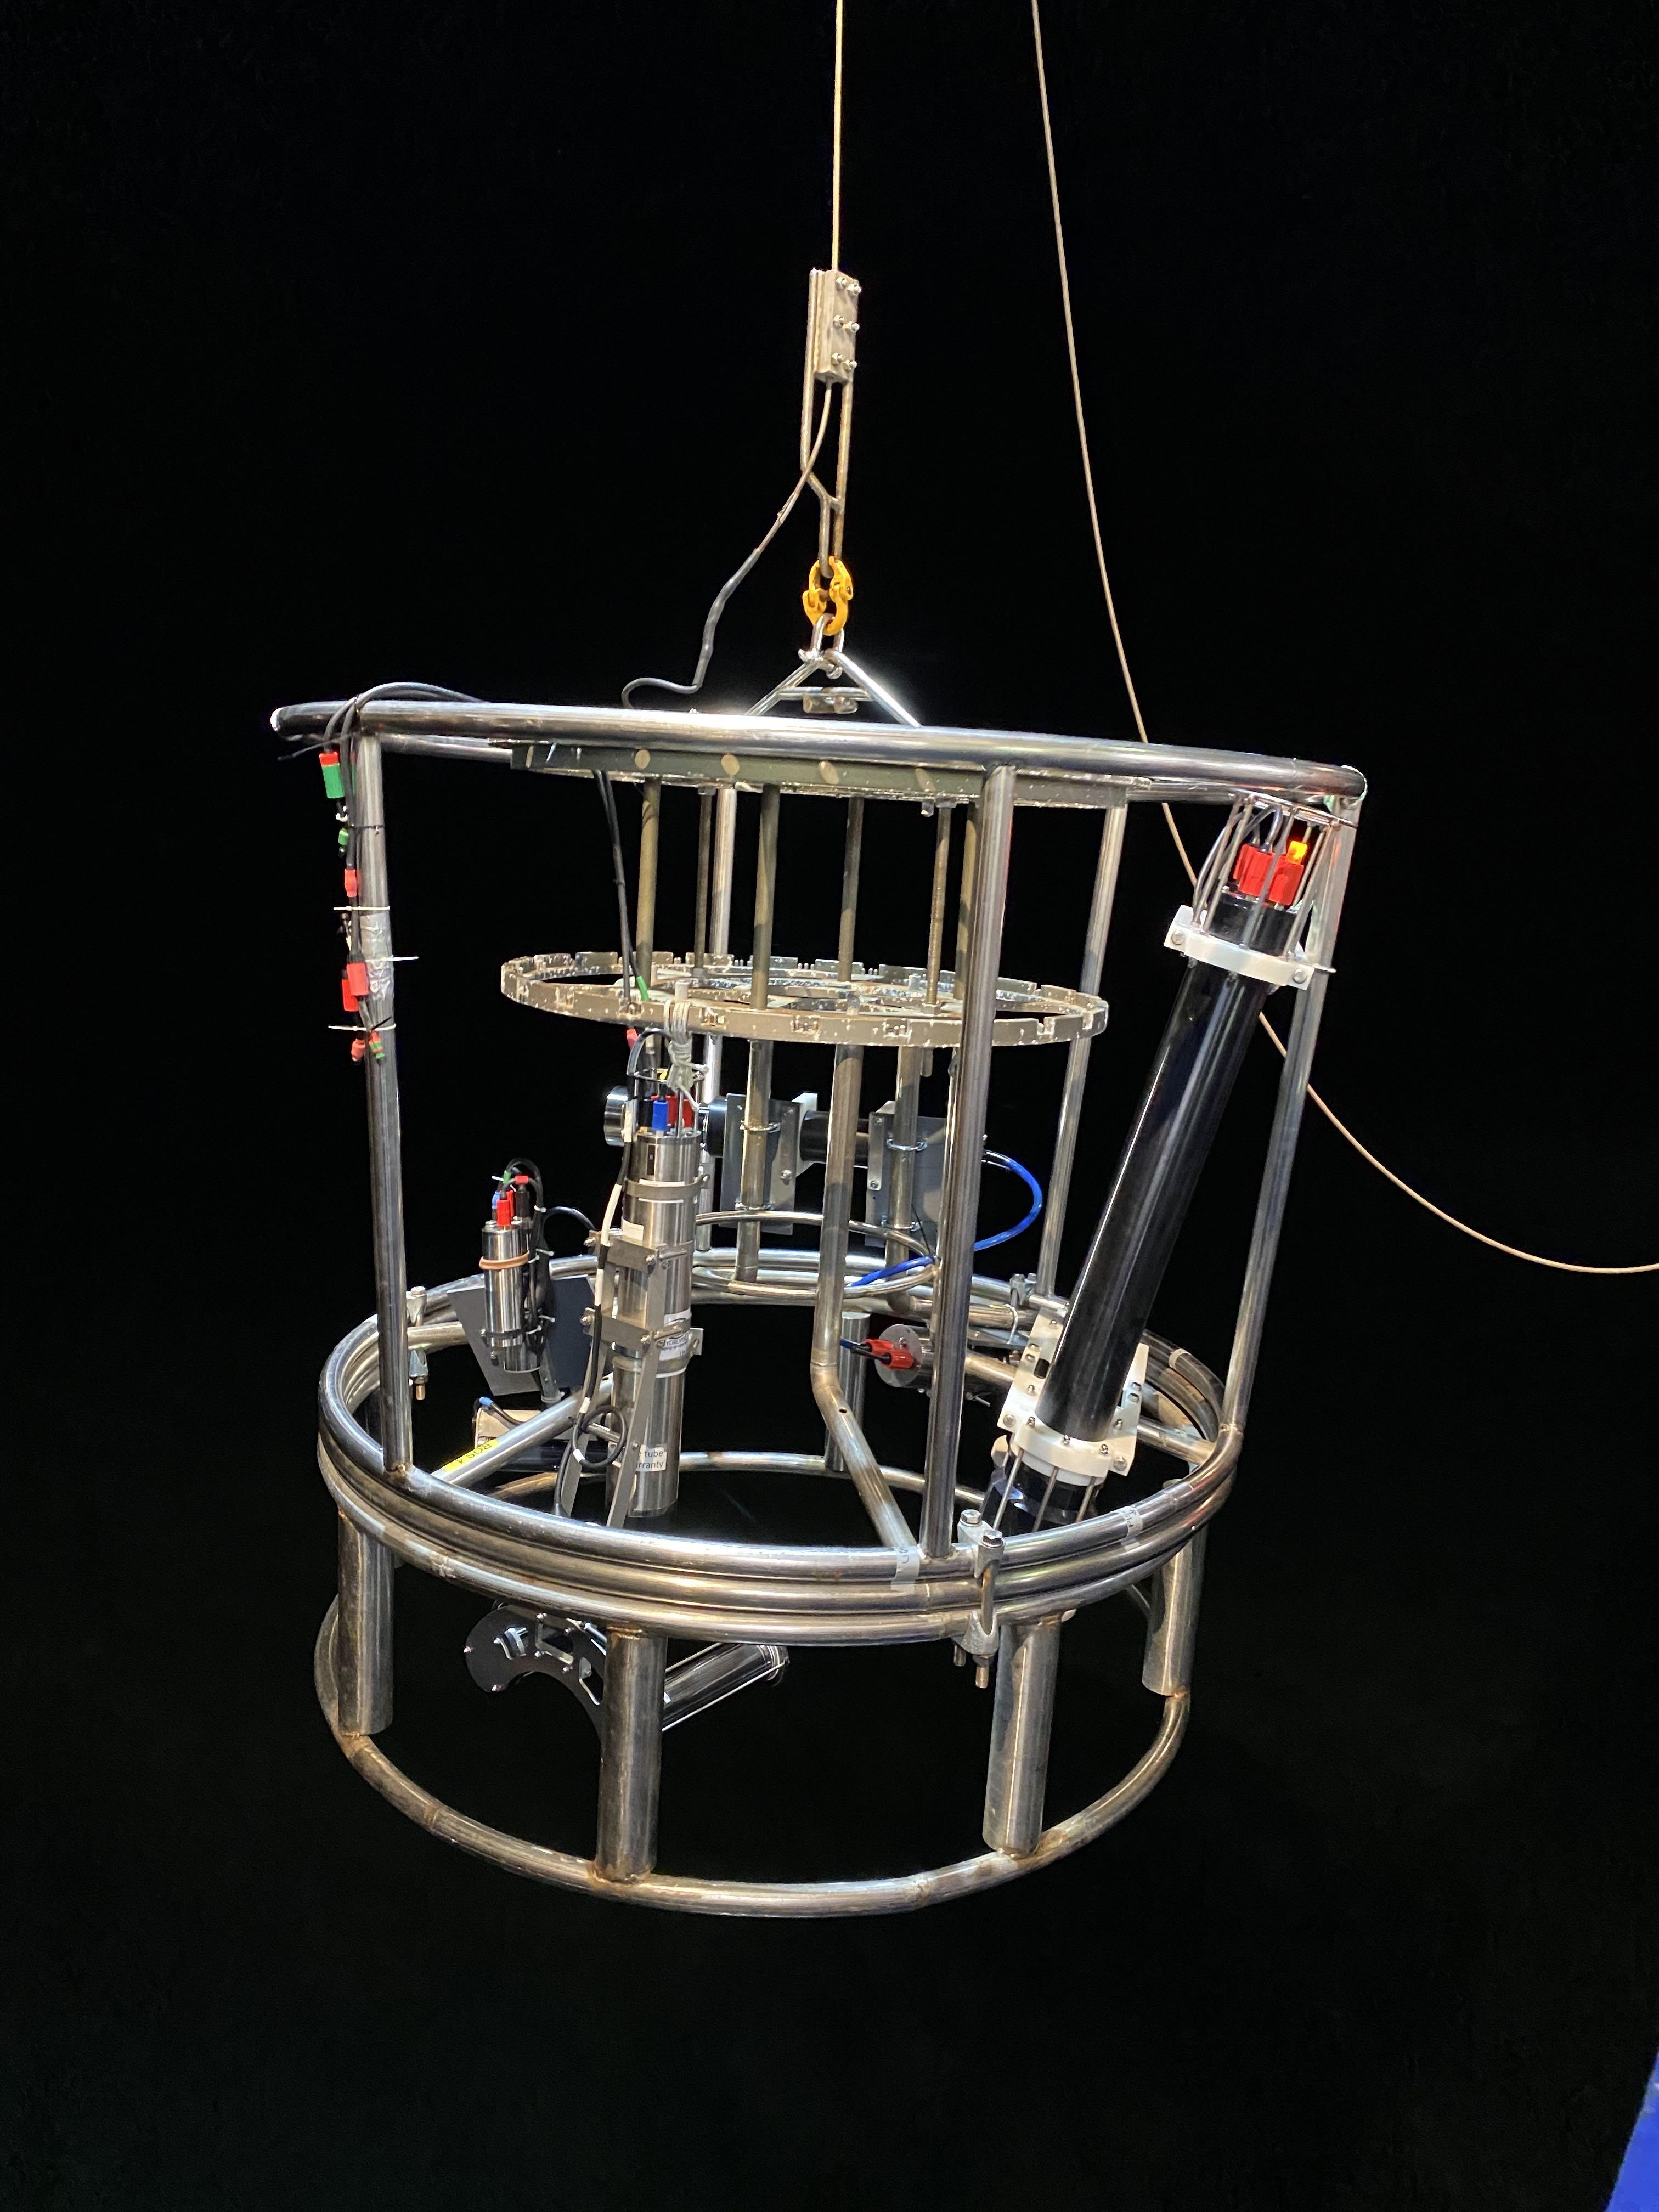 """Eine große CTD-Rosette wurde zur """"Bio-Optical Platform"""" ausgerüstet und dient als gemeinsamer Träger für alle Kamerasysteme. Foto: Laetitia Drago"""